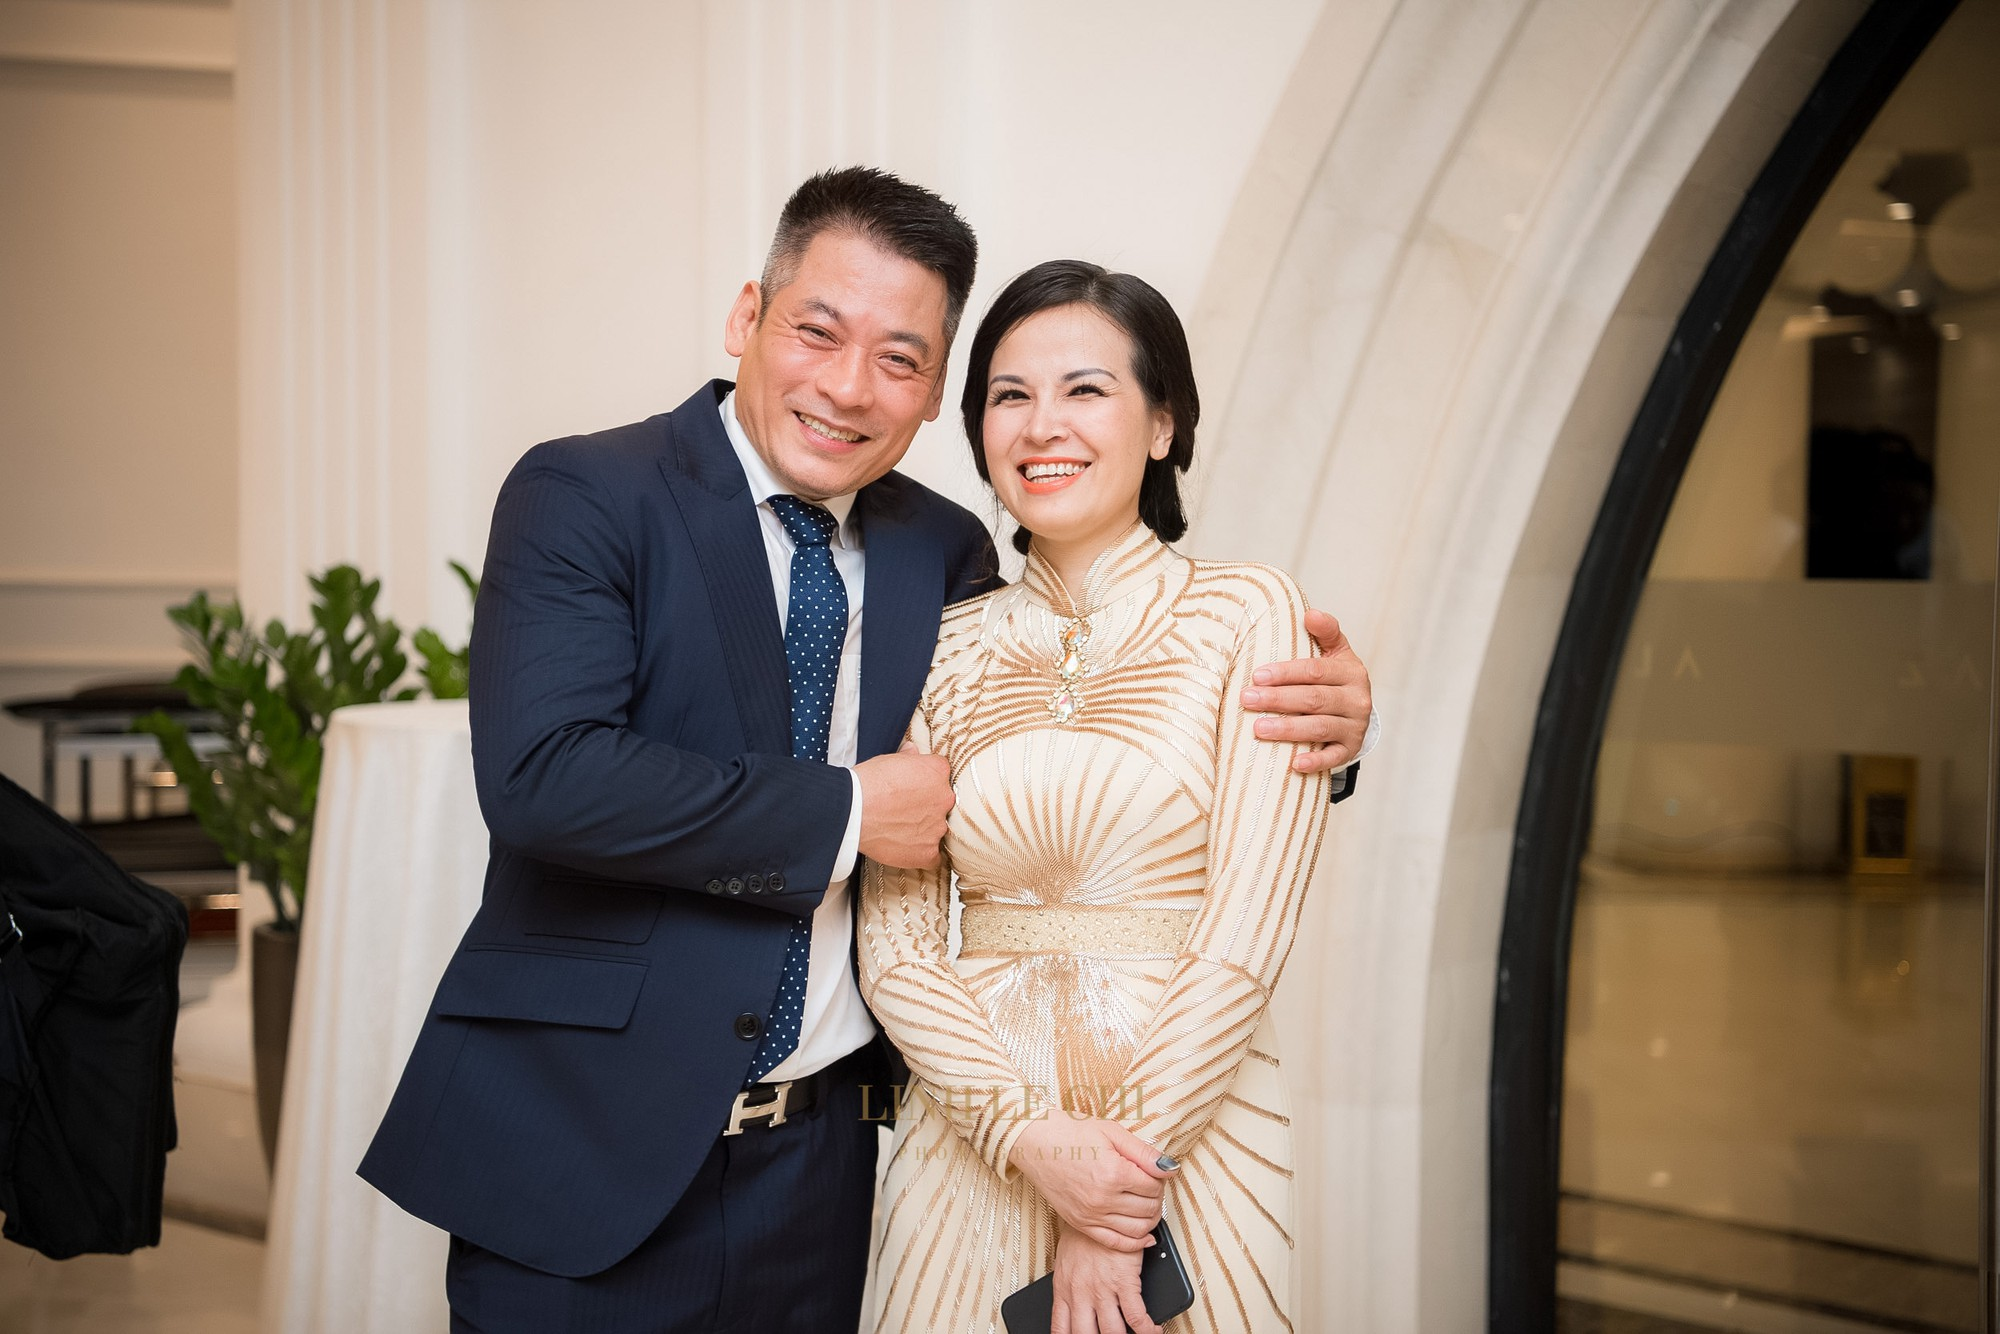 Ảnh đẹp: Á hậu Tú Anh nũng nịu ôm chặt ông xã trong tiệc cưới sang trọng ở Hà Nội - Ảnh 6.